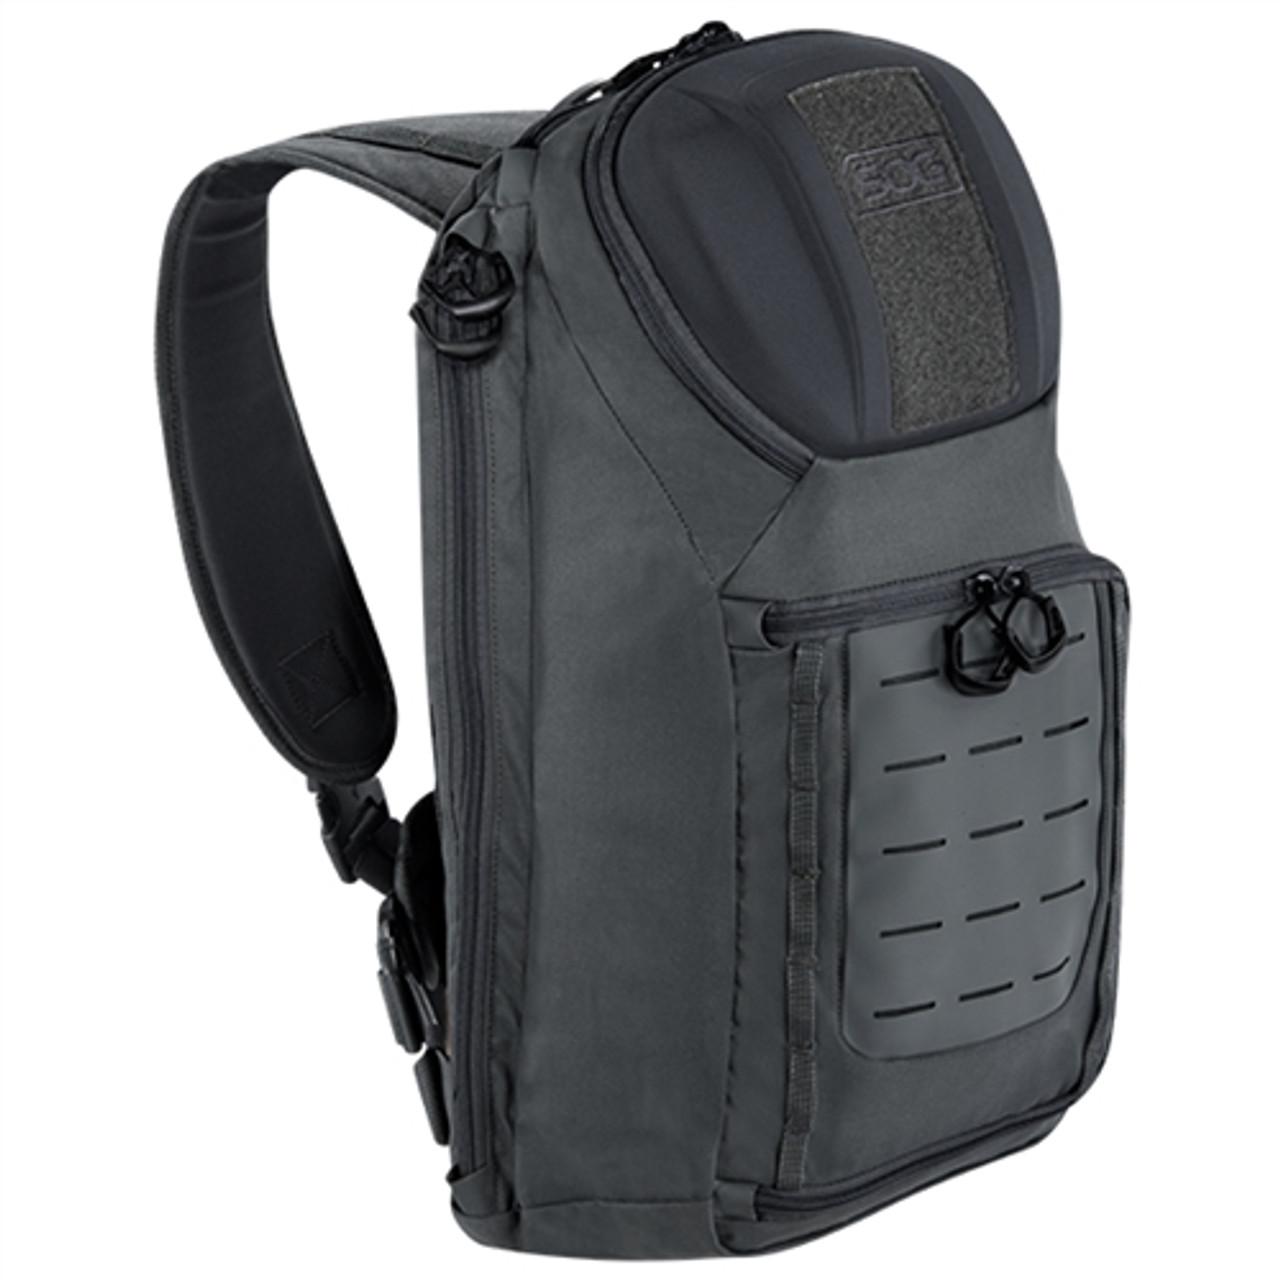 SOG EVAC Sling 18L Tactical Pack, Grey, Laptop Sleeve